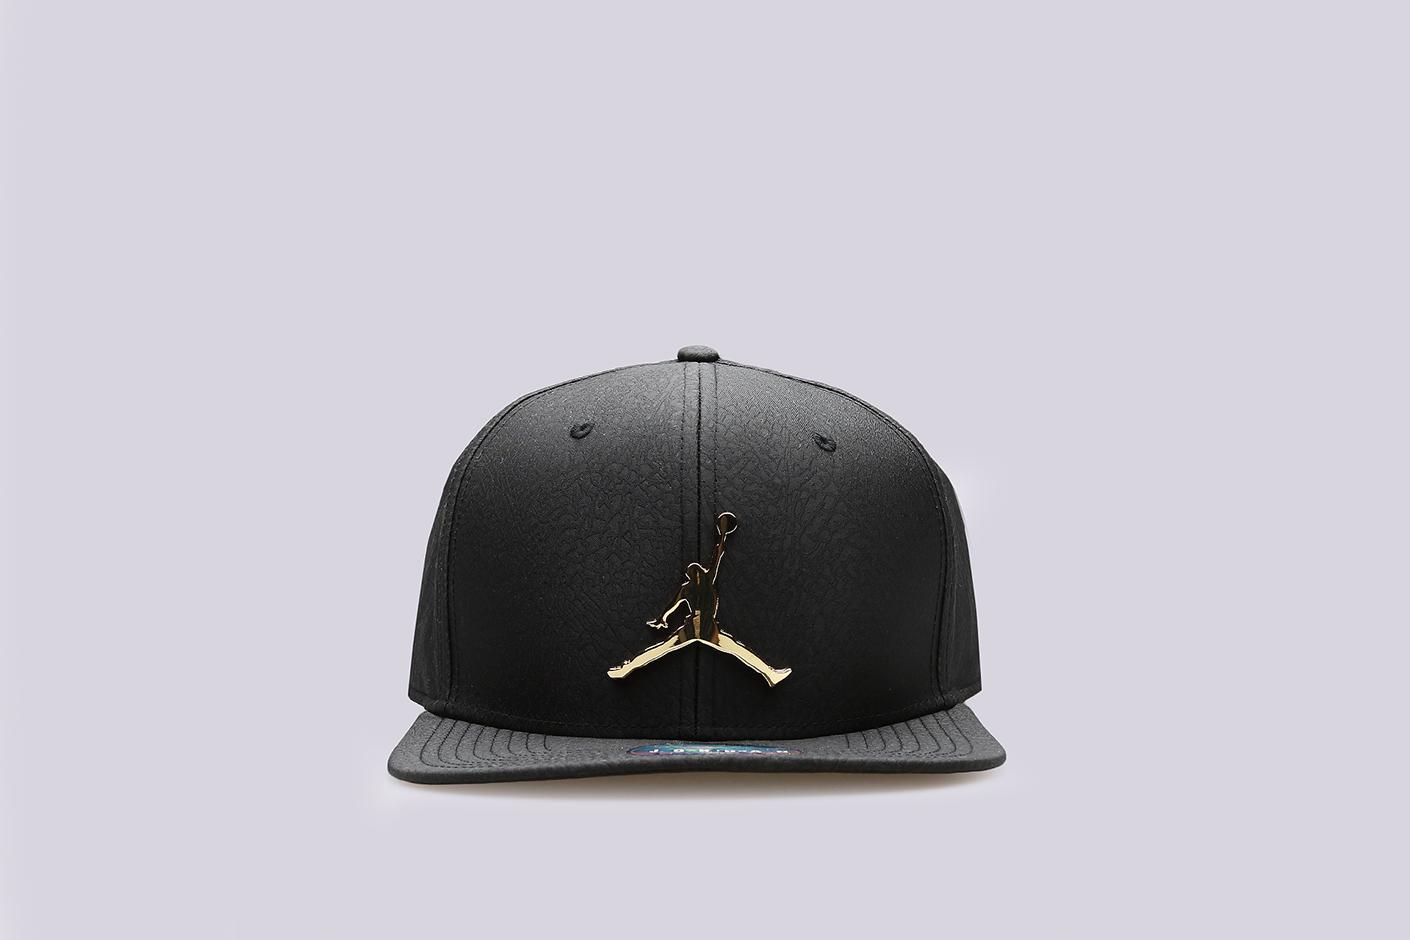 Черная кепка Jumpman Elephant Ingot Pro от Jordan (AH1576-010) по ... 38c9a49490e